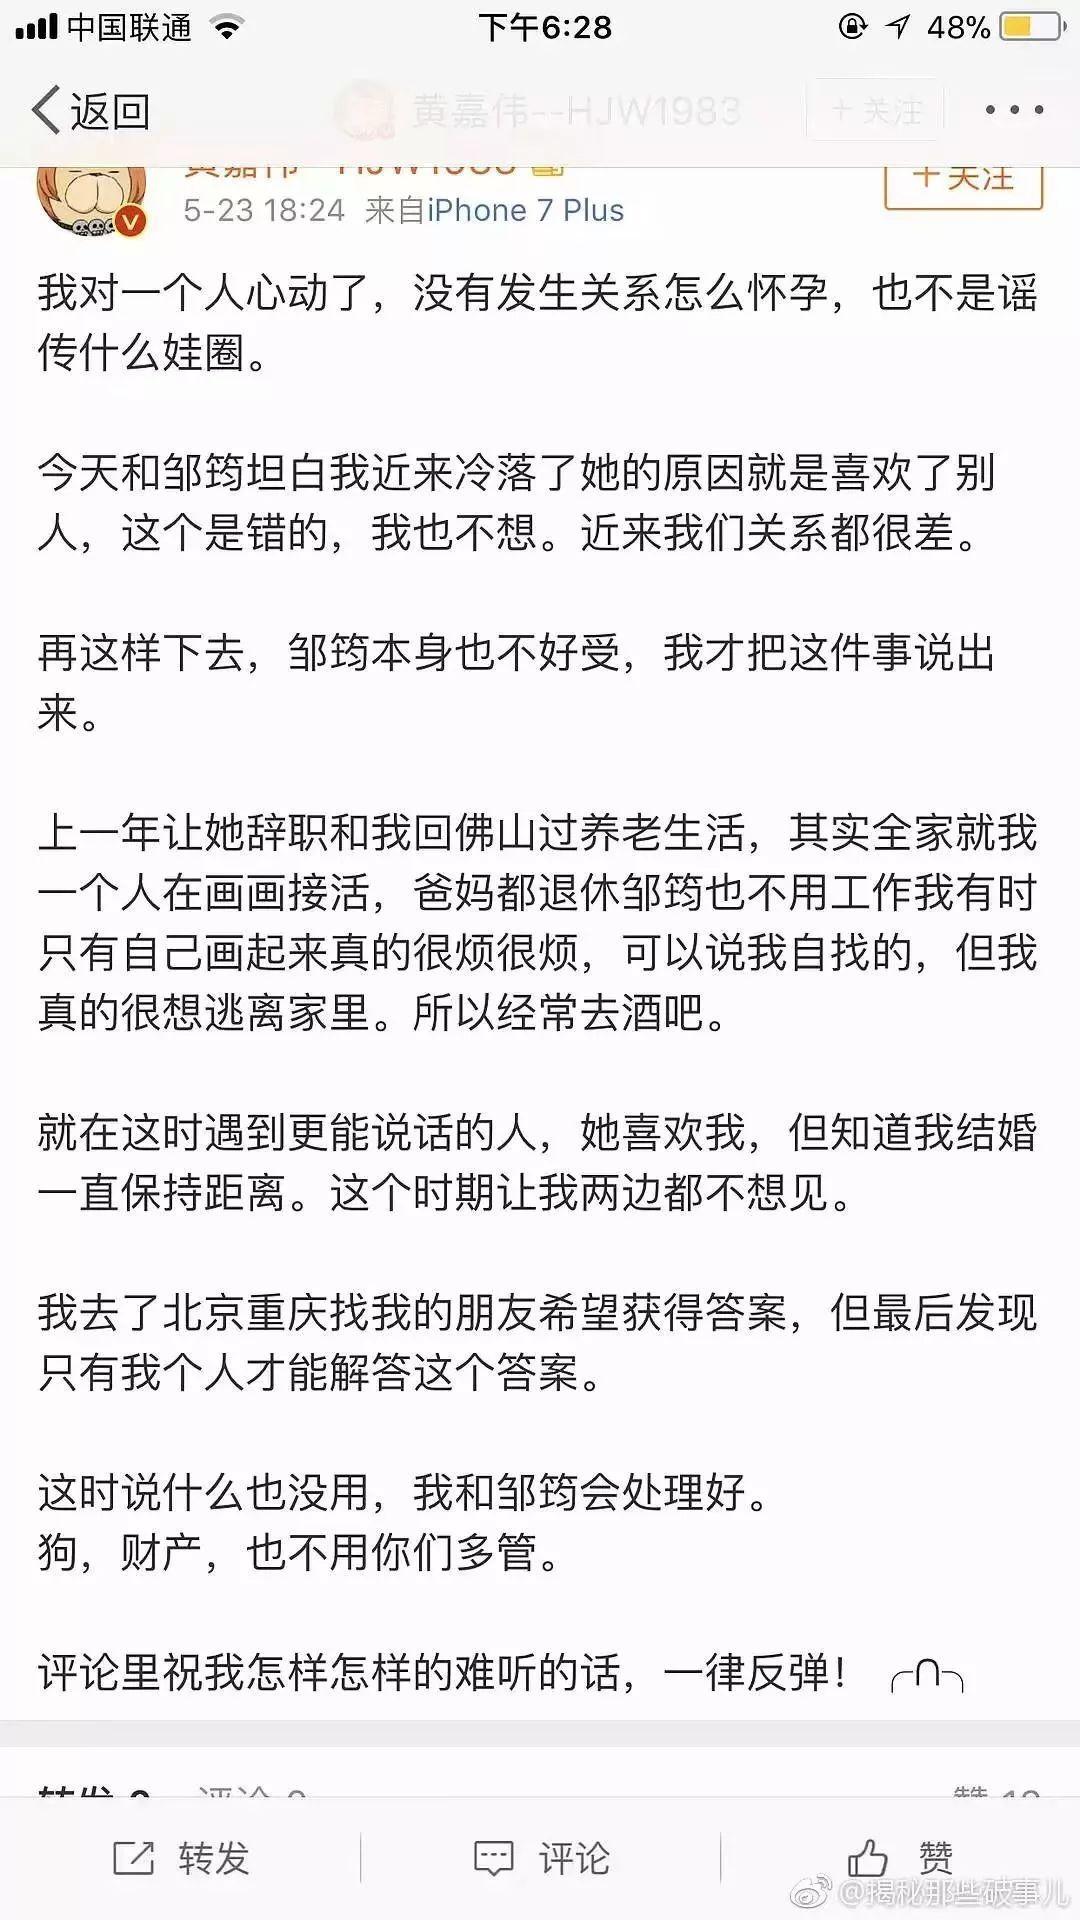 阴阳师画手黄嘉伟事件小三杜雨薇疑似自杀 多种迹象显示其精神崩溃患抑郁症